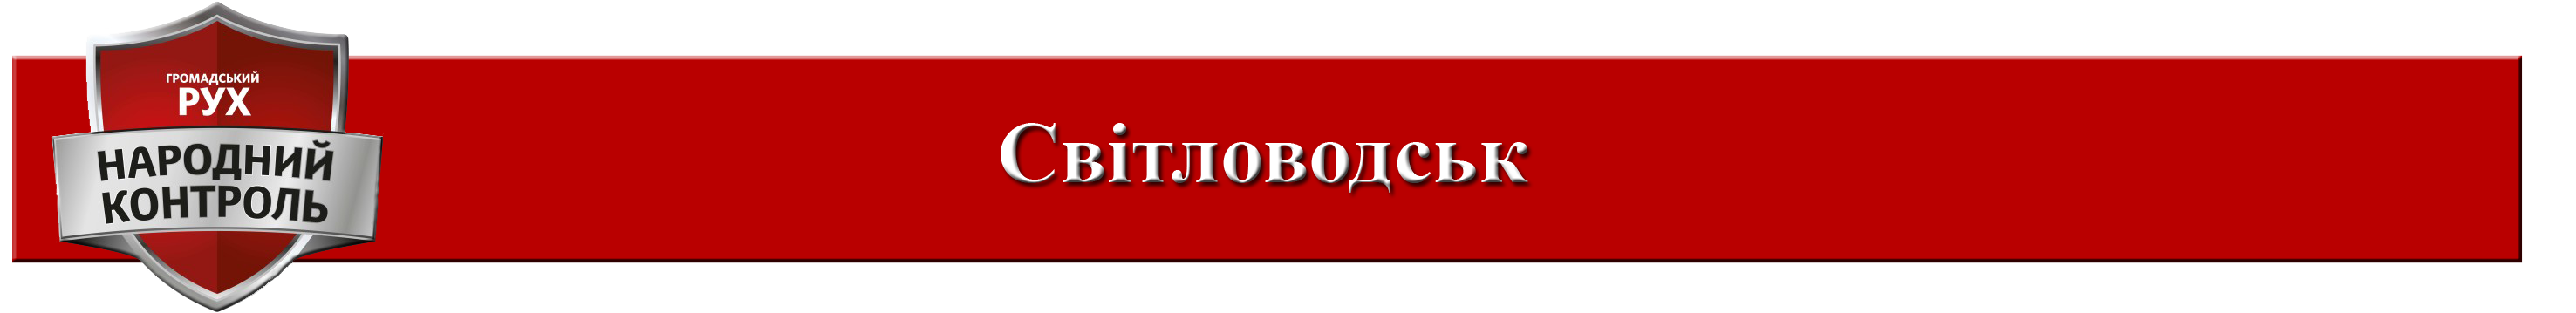 """ГР """"Народний Контроль"""" Світловодськ"""